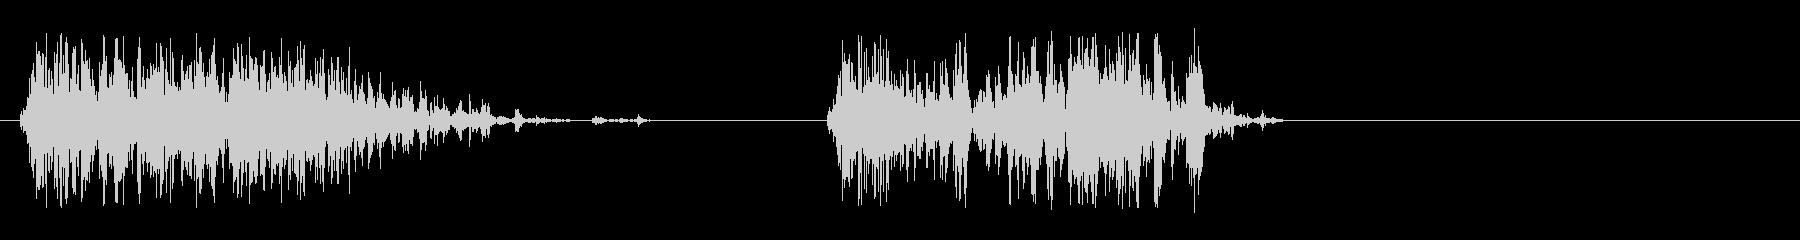 物体をバシュッと消滅させるような効果音の未再生の波形